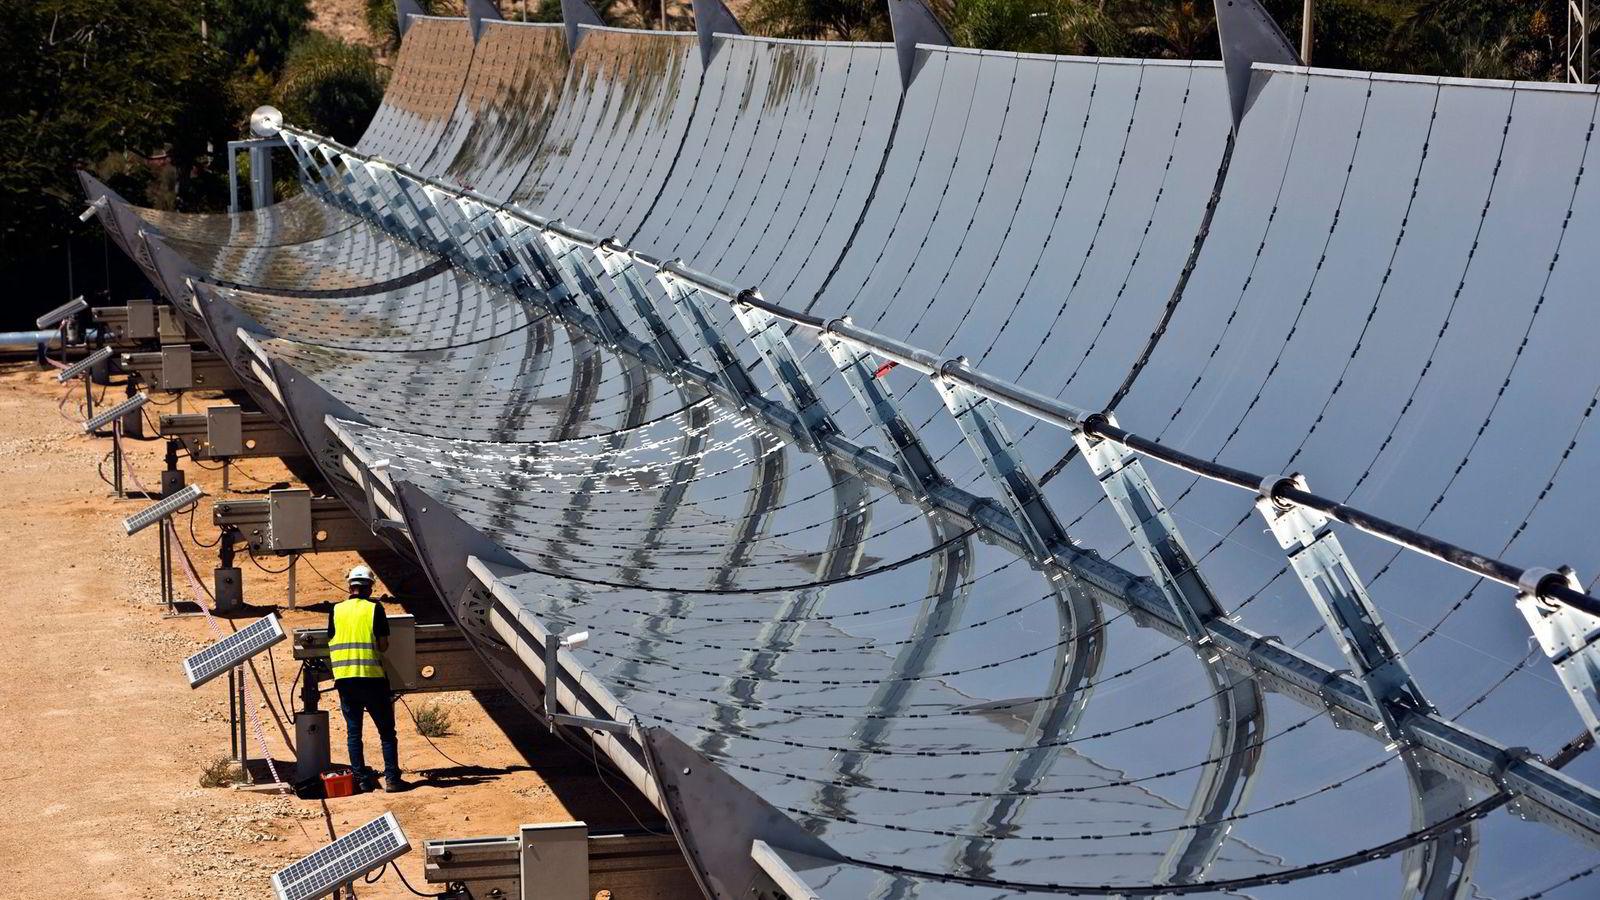 STATLIG SOL. Tar vi et større årlig overskudd fra Statoil, kan vi bruke statens andel av dette til å bygge opp en internasjonal solgigant. Her et Brenmiller Energy-anlegg i den israelske Negev-ørkenen. Foto: Nir Elias, Reuters/NTB Scanpix